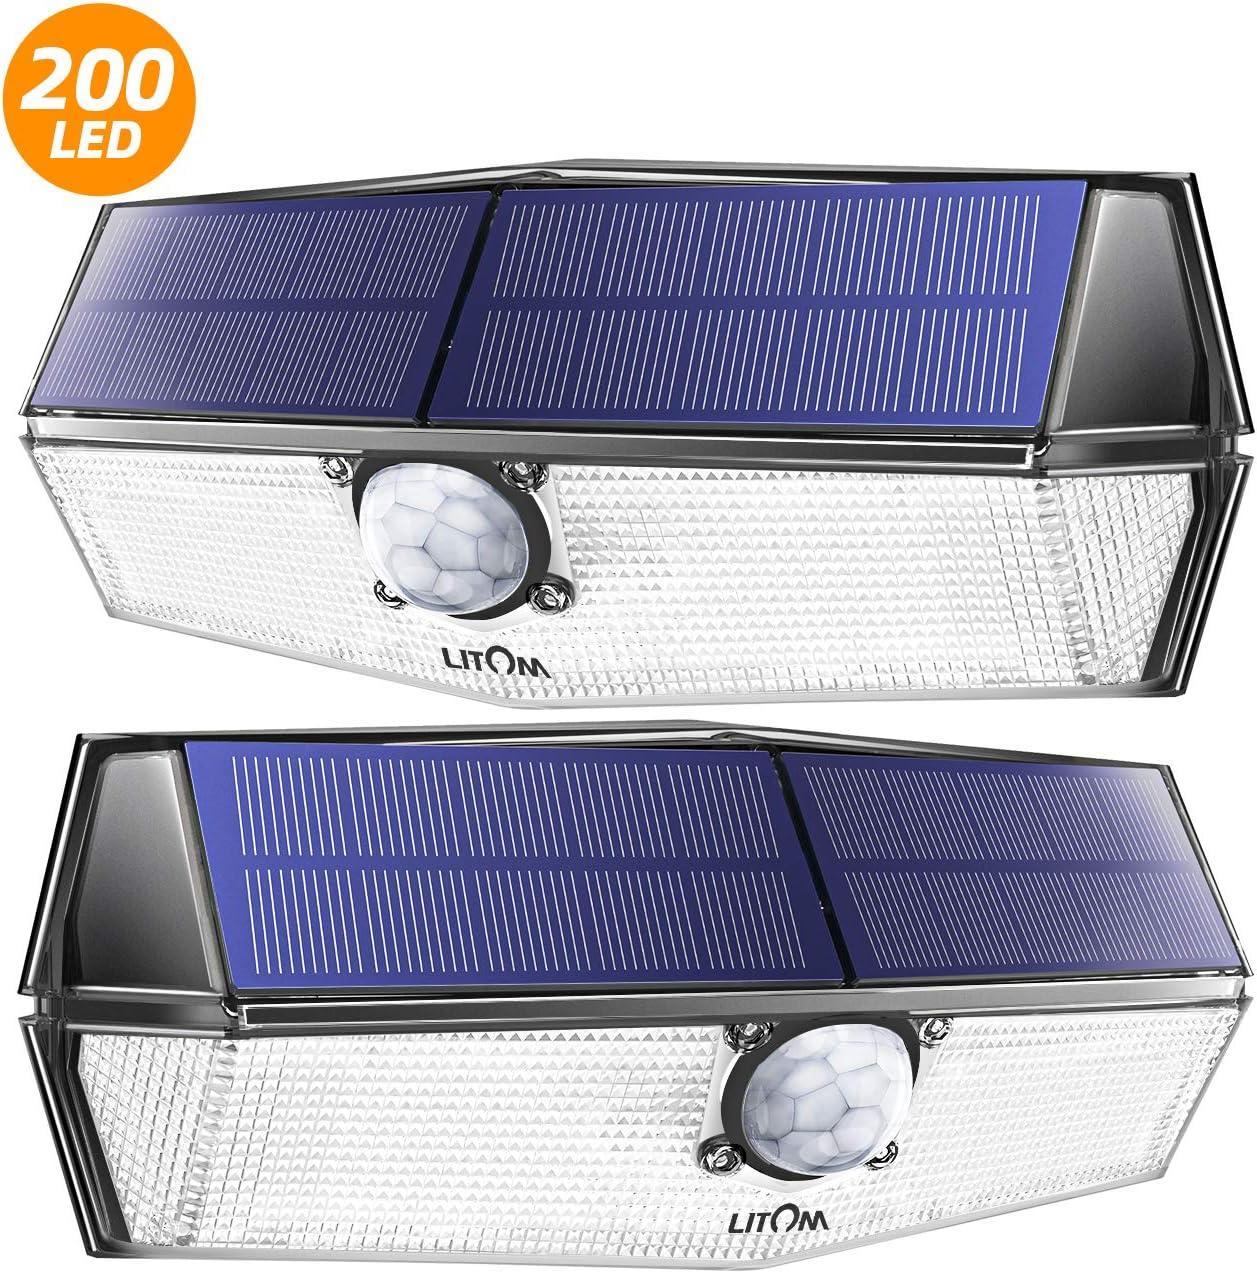 LITOM Luz Solar de Exterior 200 LEDs, Impermeable IP67, Lampara Solar de 3-8M Detección, 270° Ángulo de Iluminación, PIR Sensor de Movimiento,Fácil de Instalar